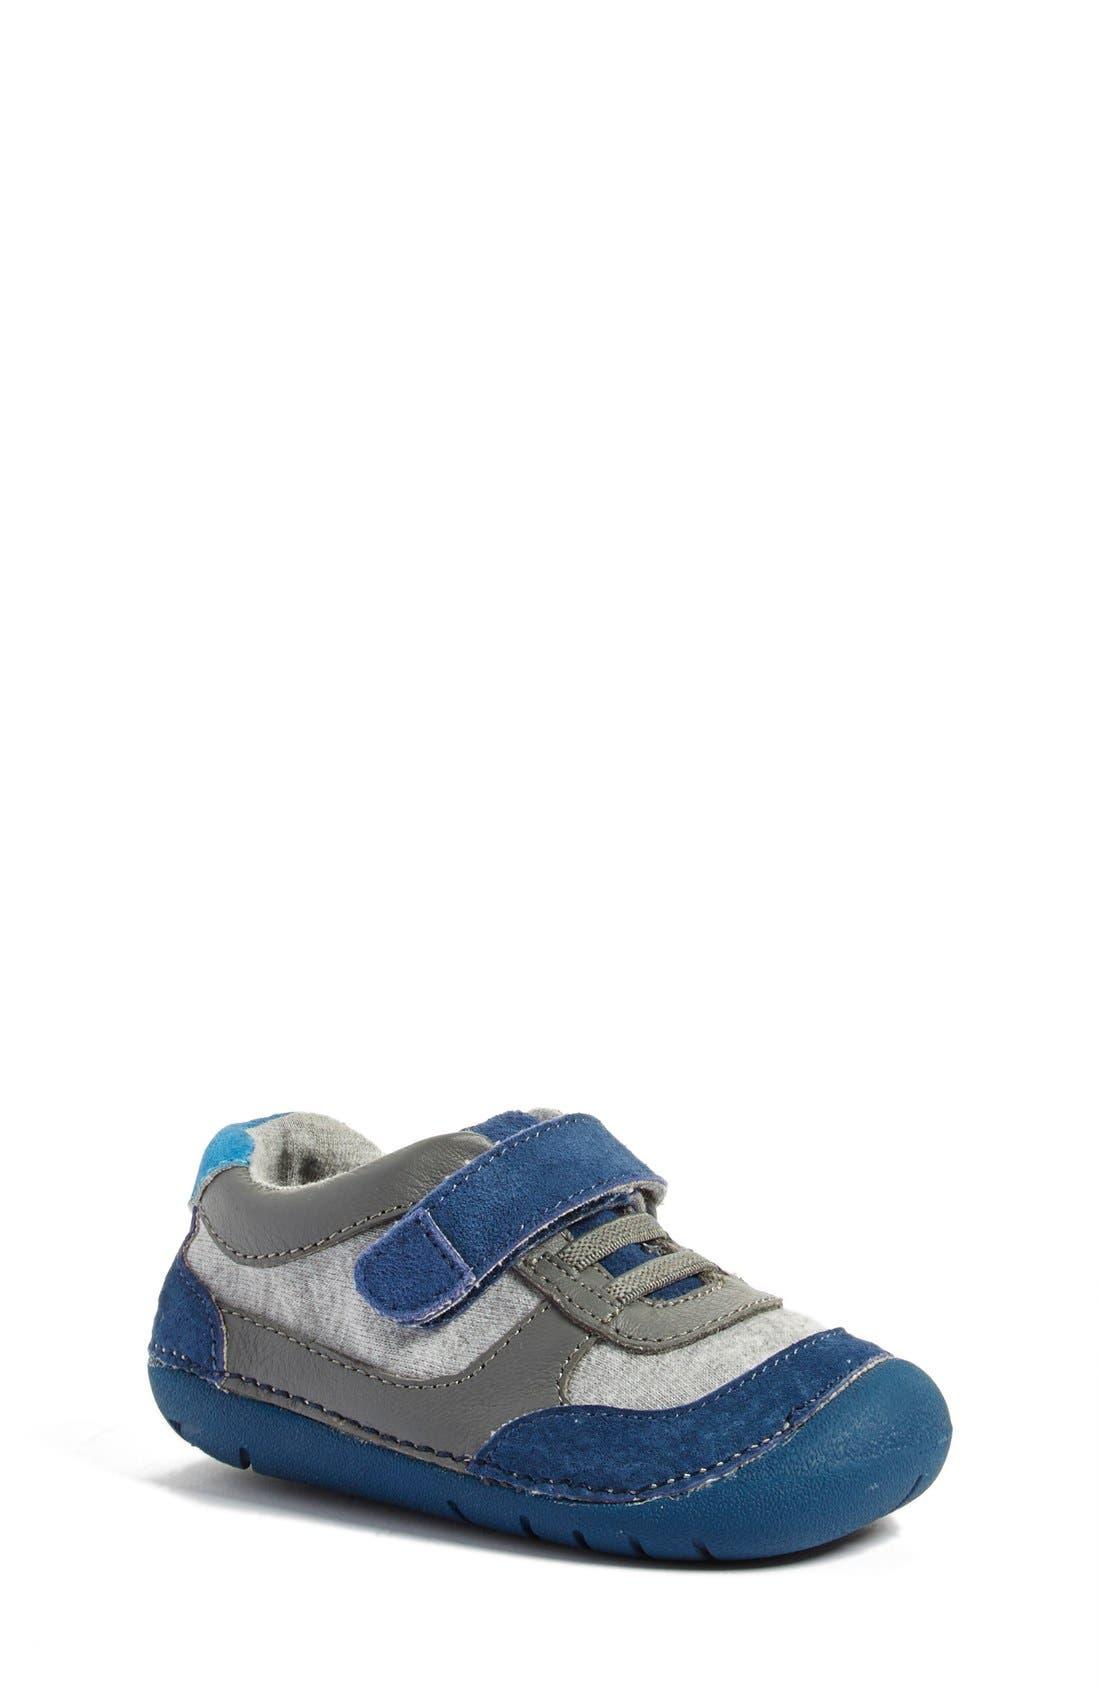 TUCKER + TATE Quinn Sneaker